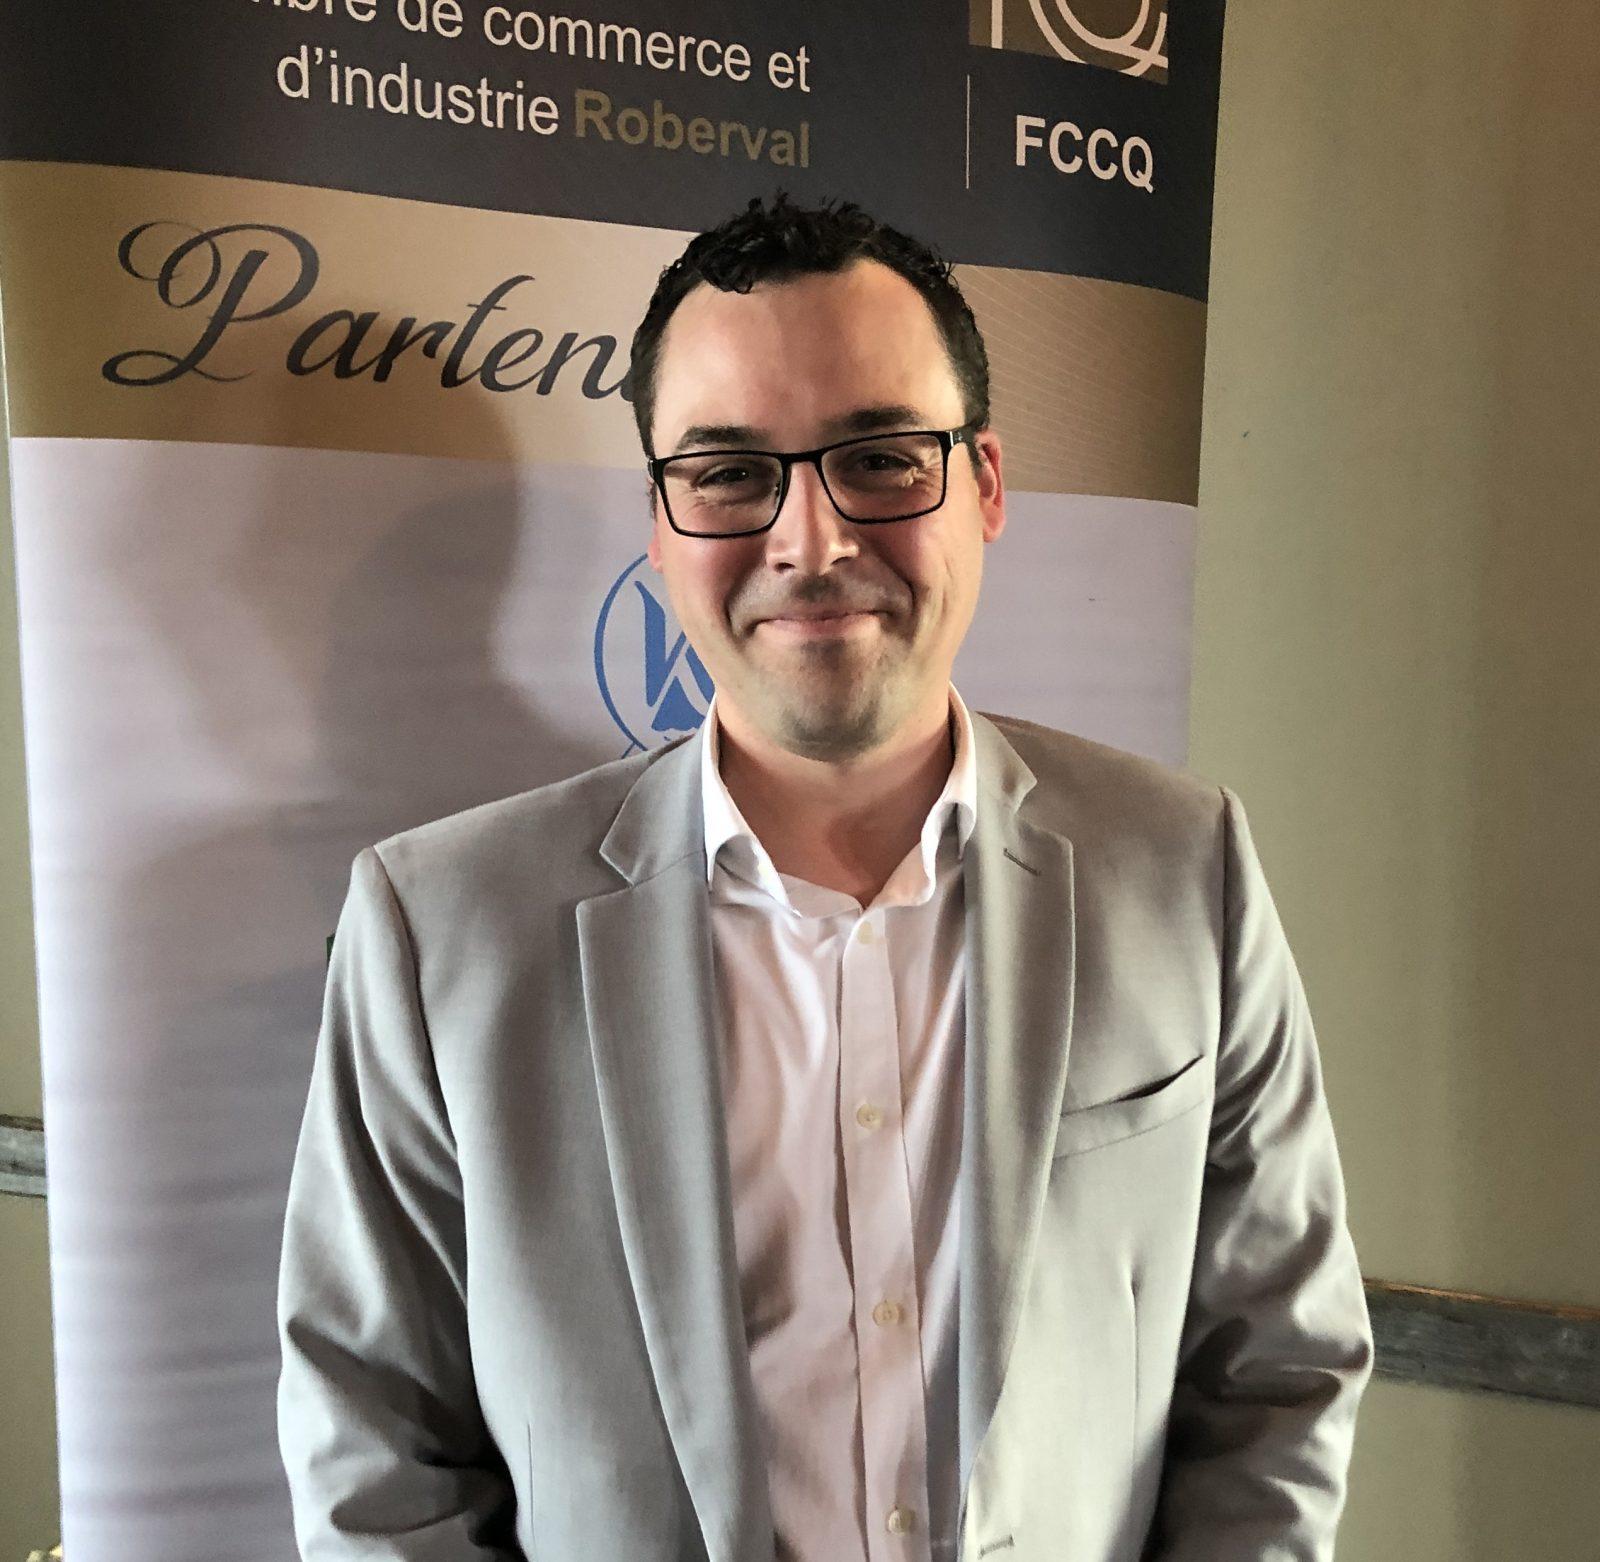 Olivier Leroux à la présidence de la Chambre de commerce et d'industrie de Roberval